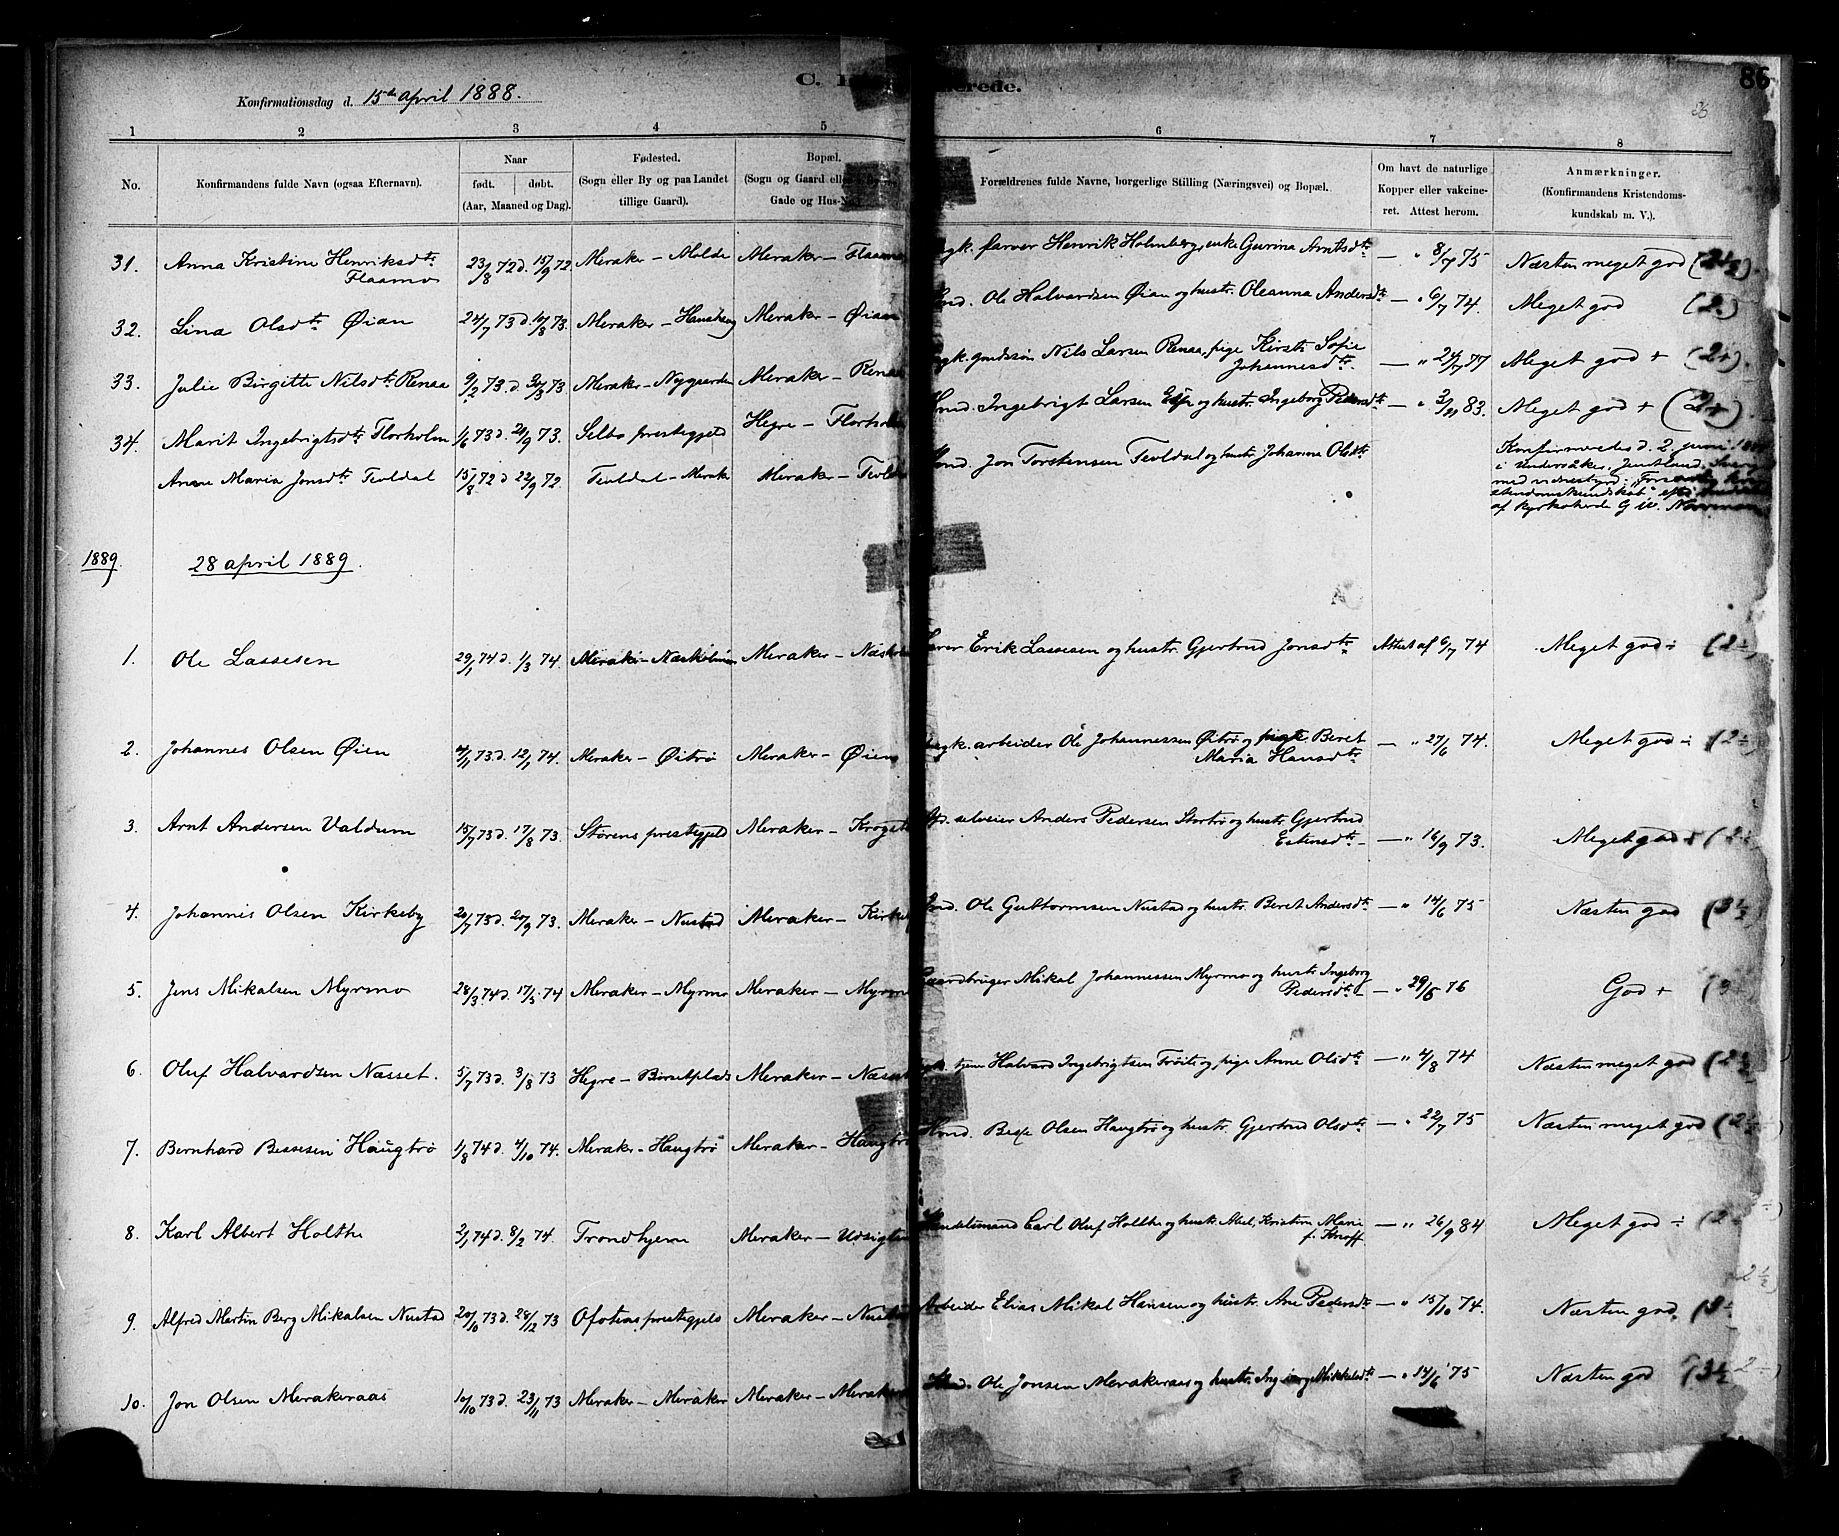 SAT, Ministerialprotokoller, klokkerbøker og fødselsregistre - Nord-Trøndelag, 706/L0047: Ministerialbok nr. 706A03, 1878-1892, s. 86